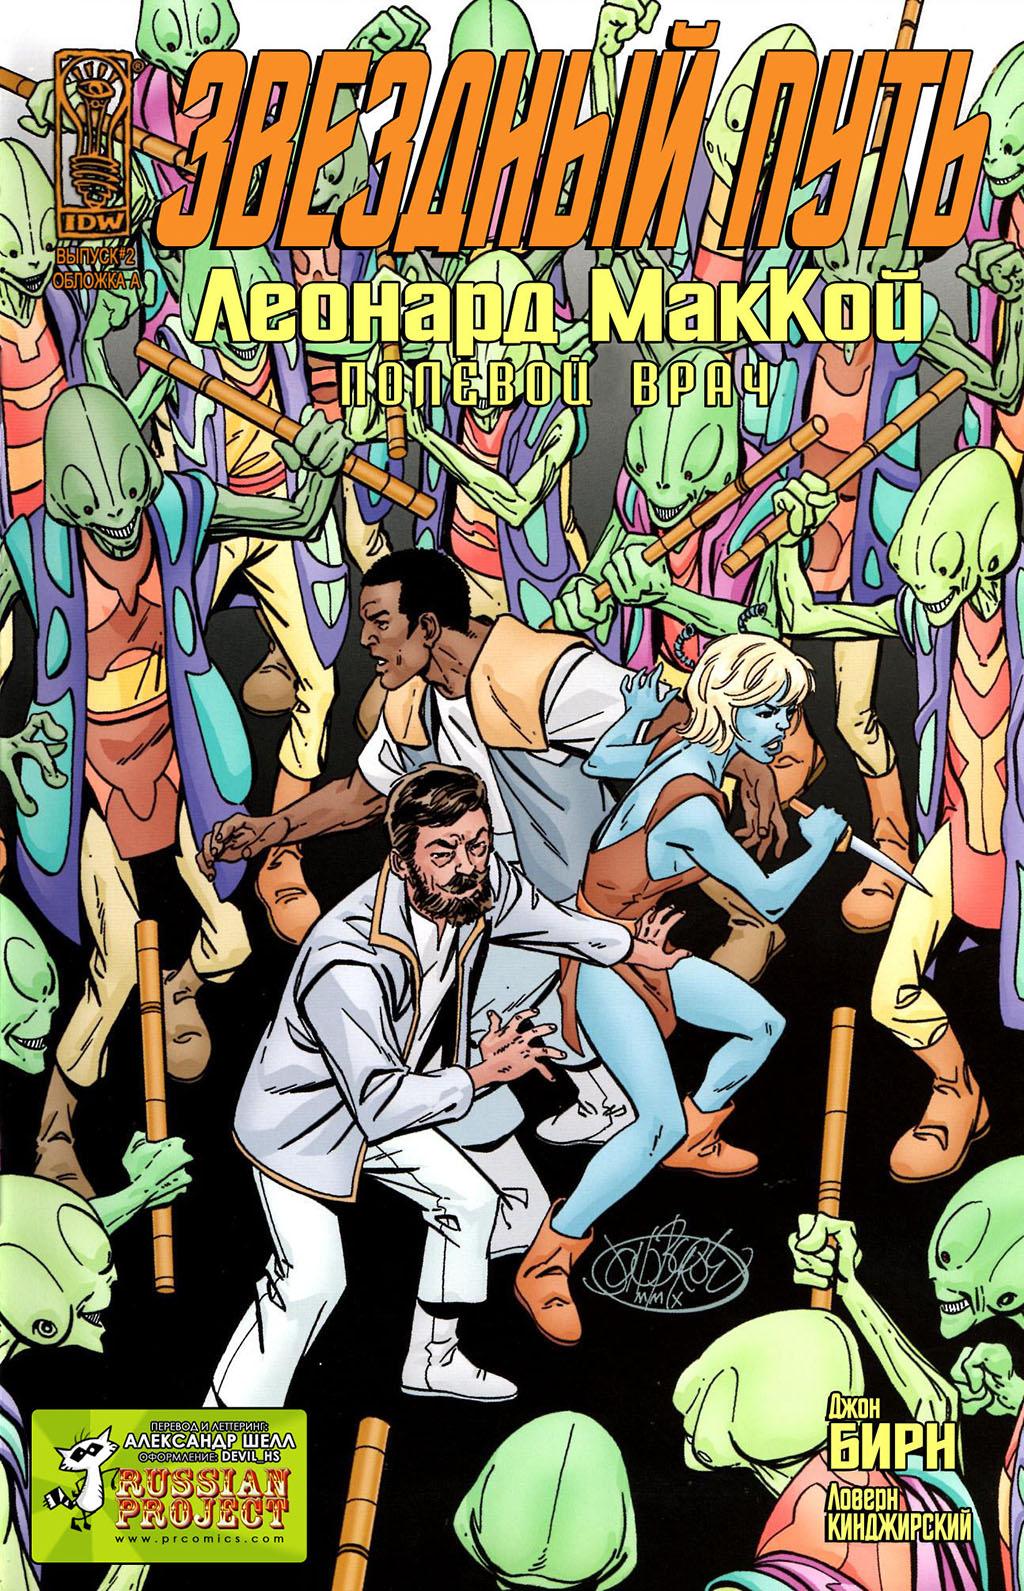 Комикс Звездный Путь - Леонард МакКой - Полевой Врач